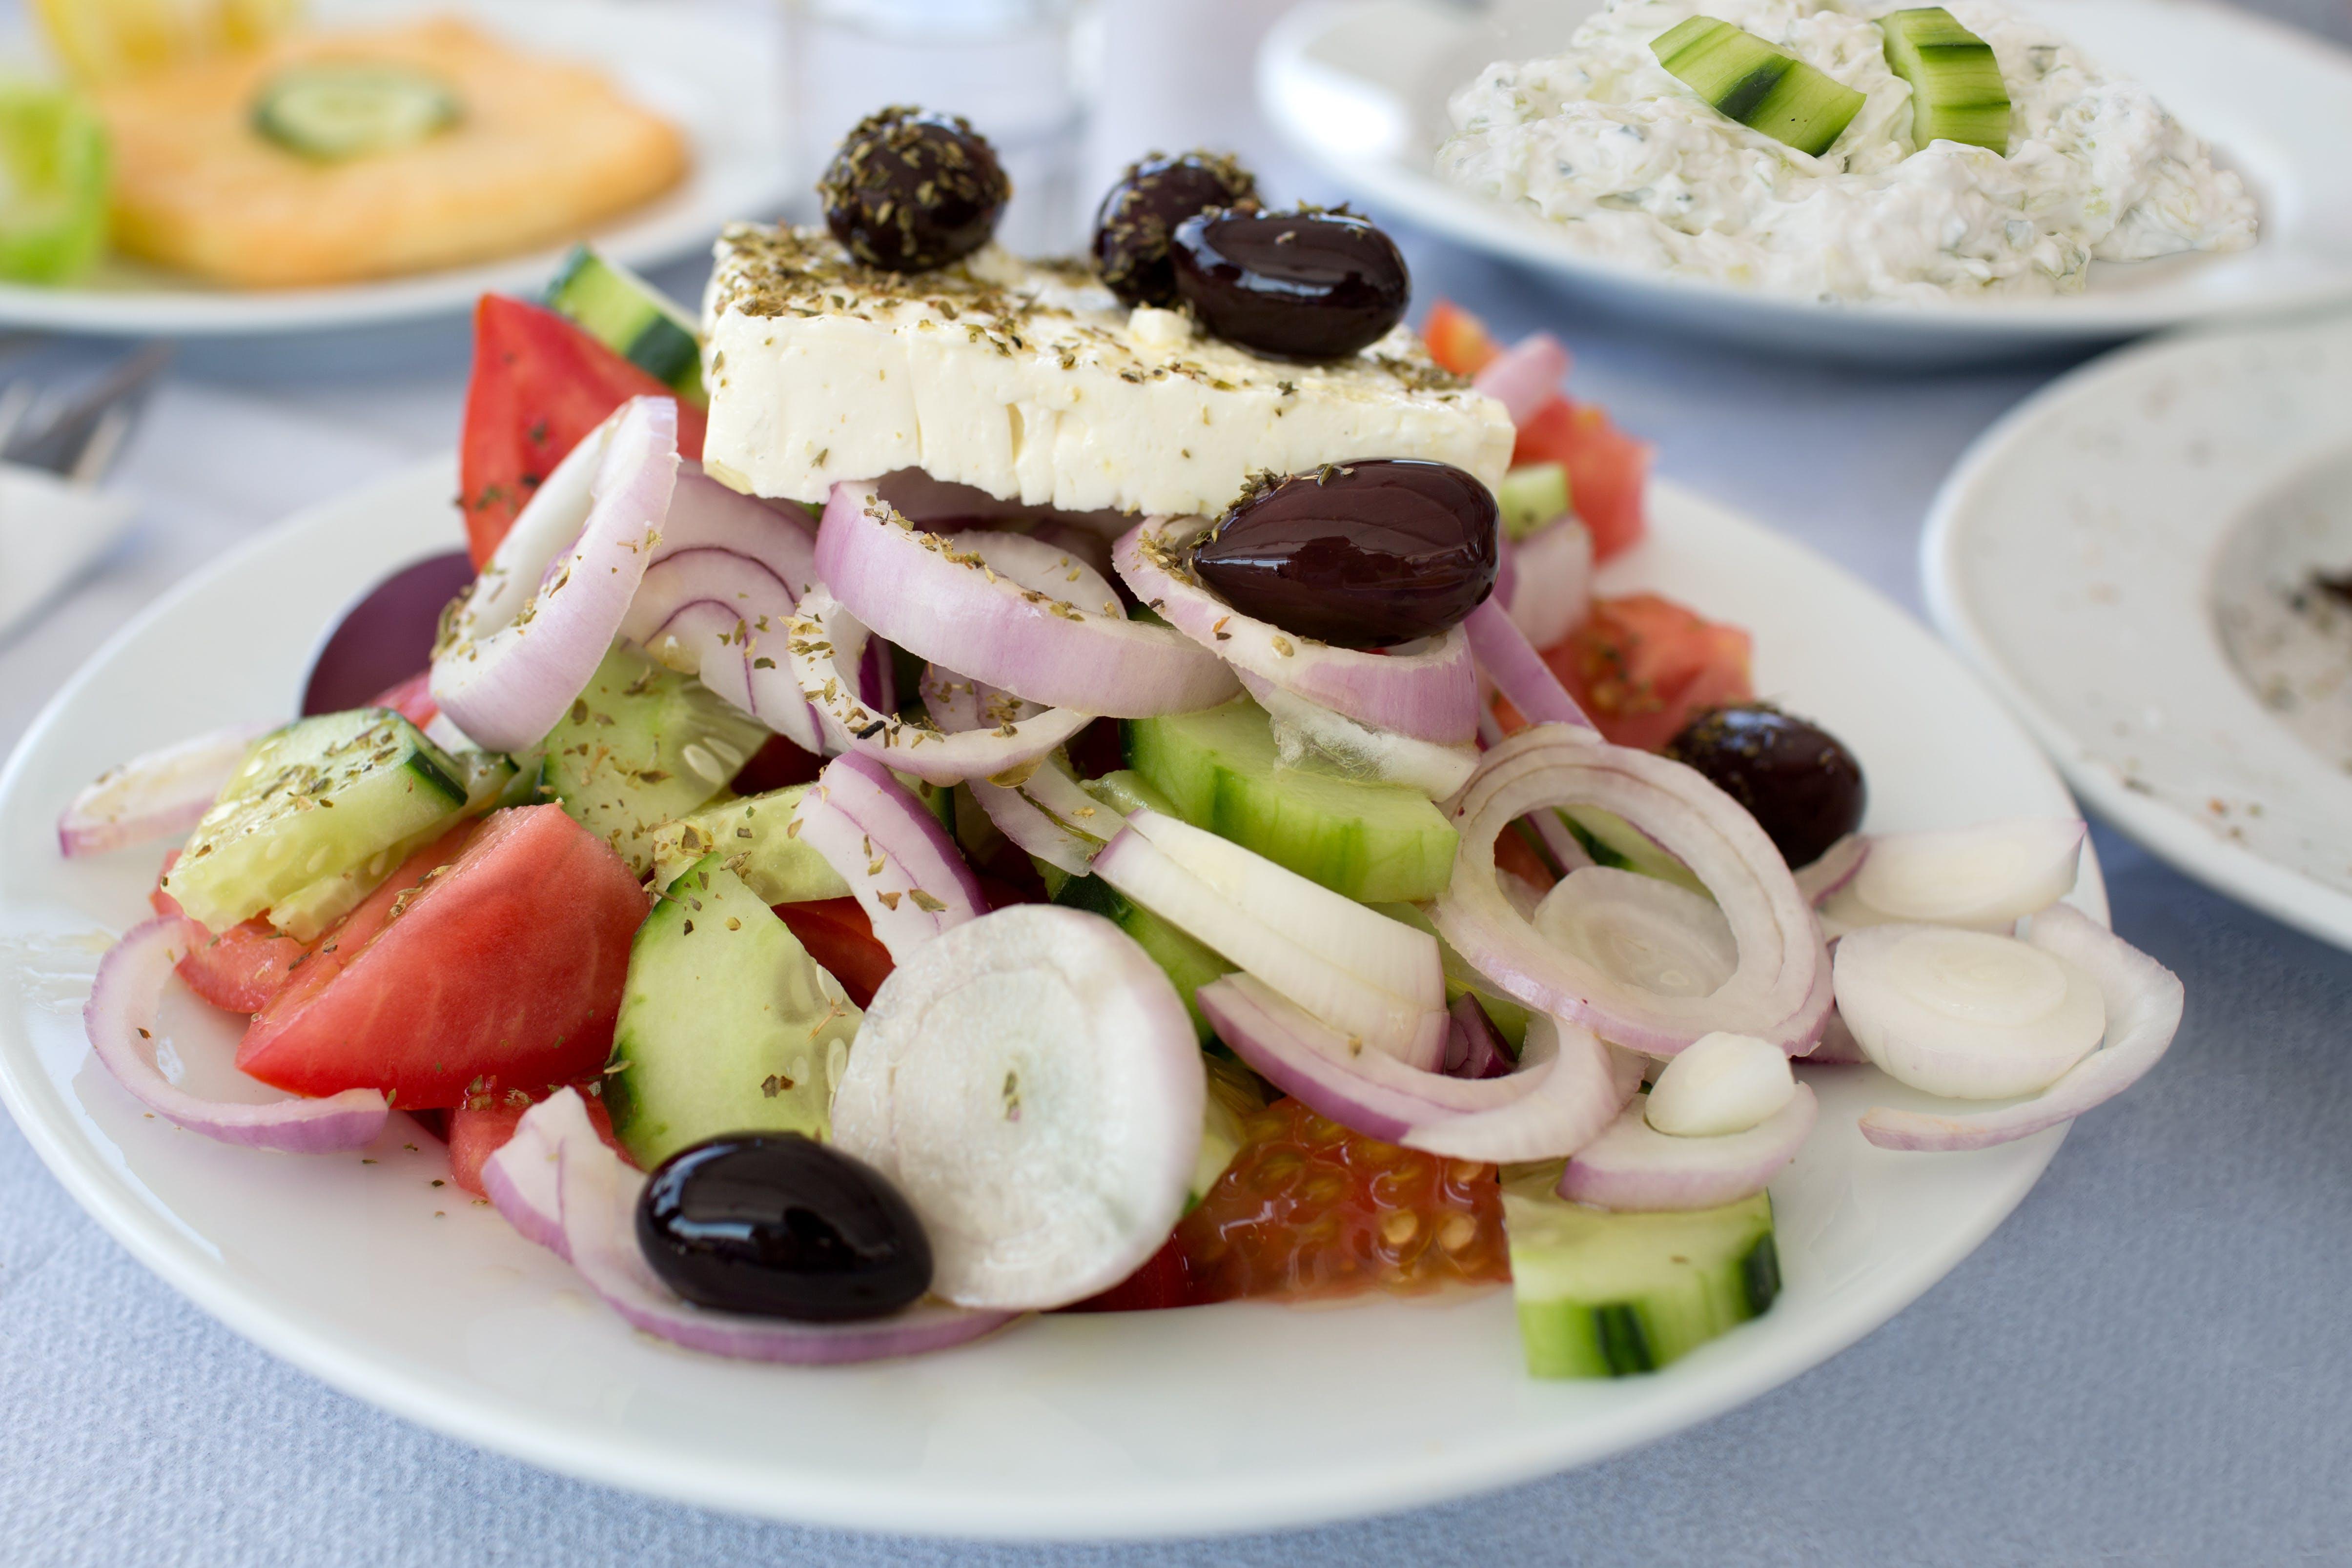 Tomaatjes, komkommer, olijven, ajuin en echte Griekse feta ... het beste uit de Griekse keuken!